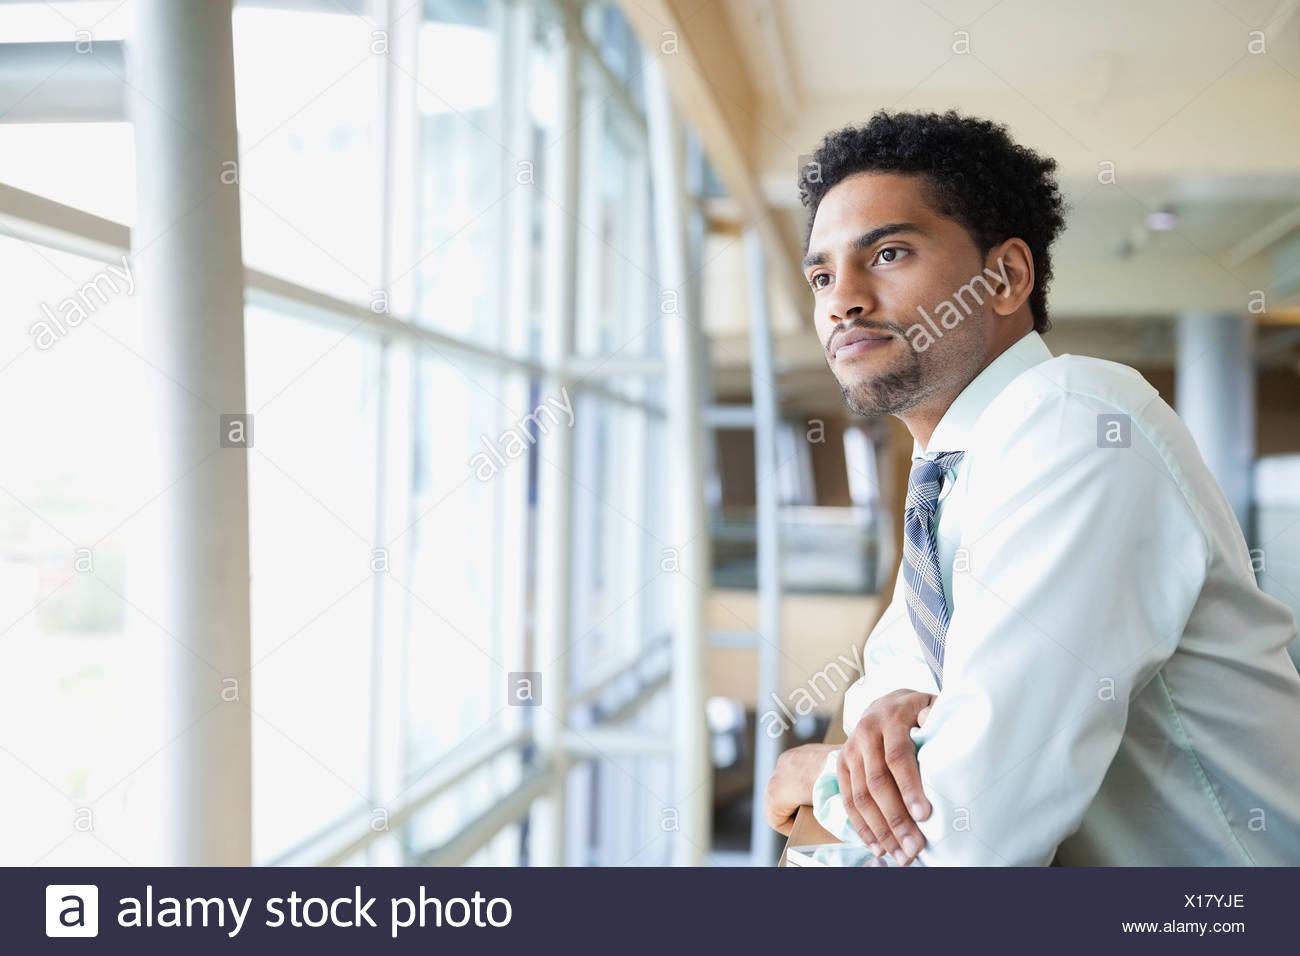 Vue latérale du businessman leaning on railing Photo Stock